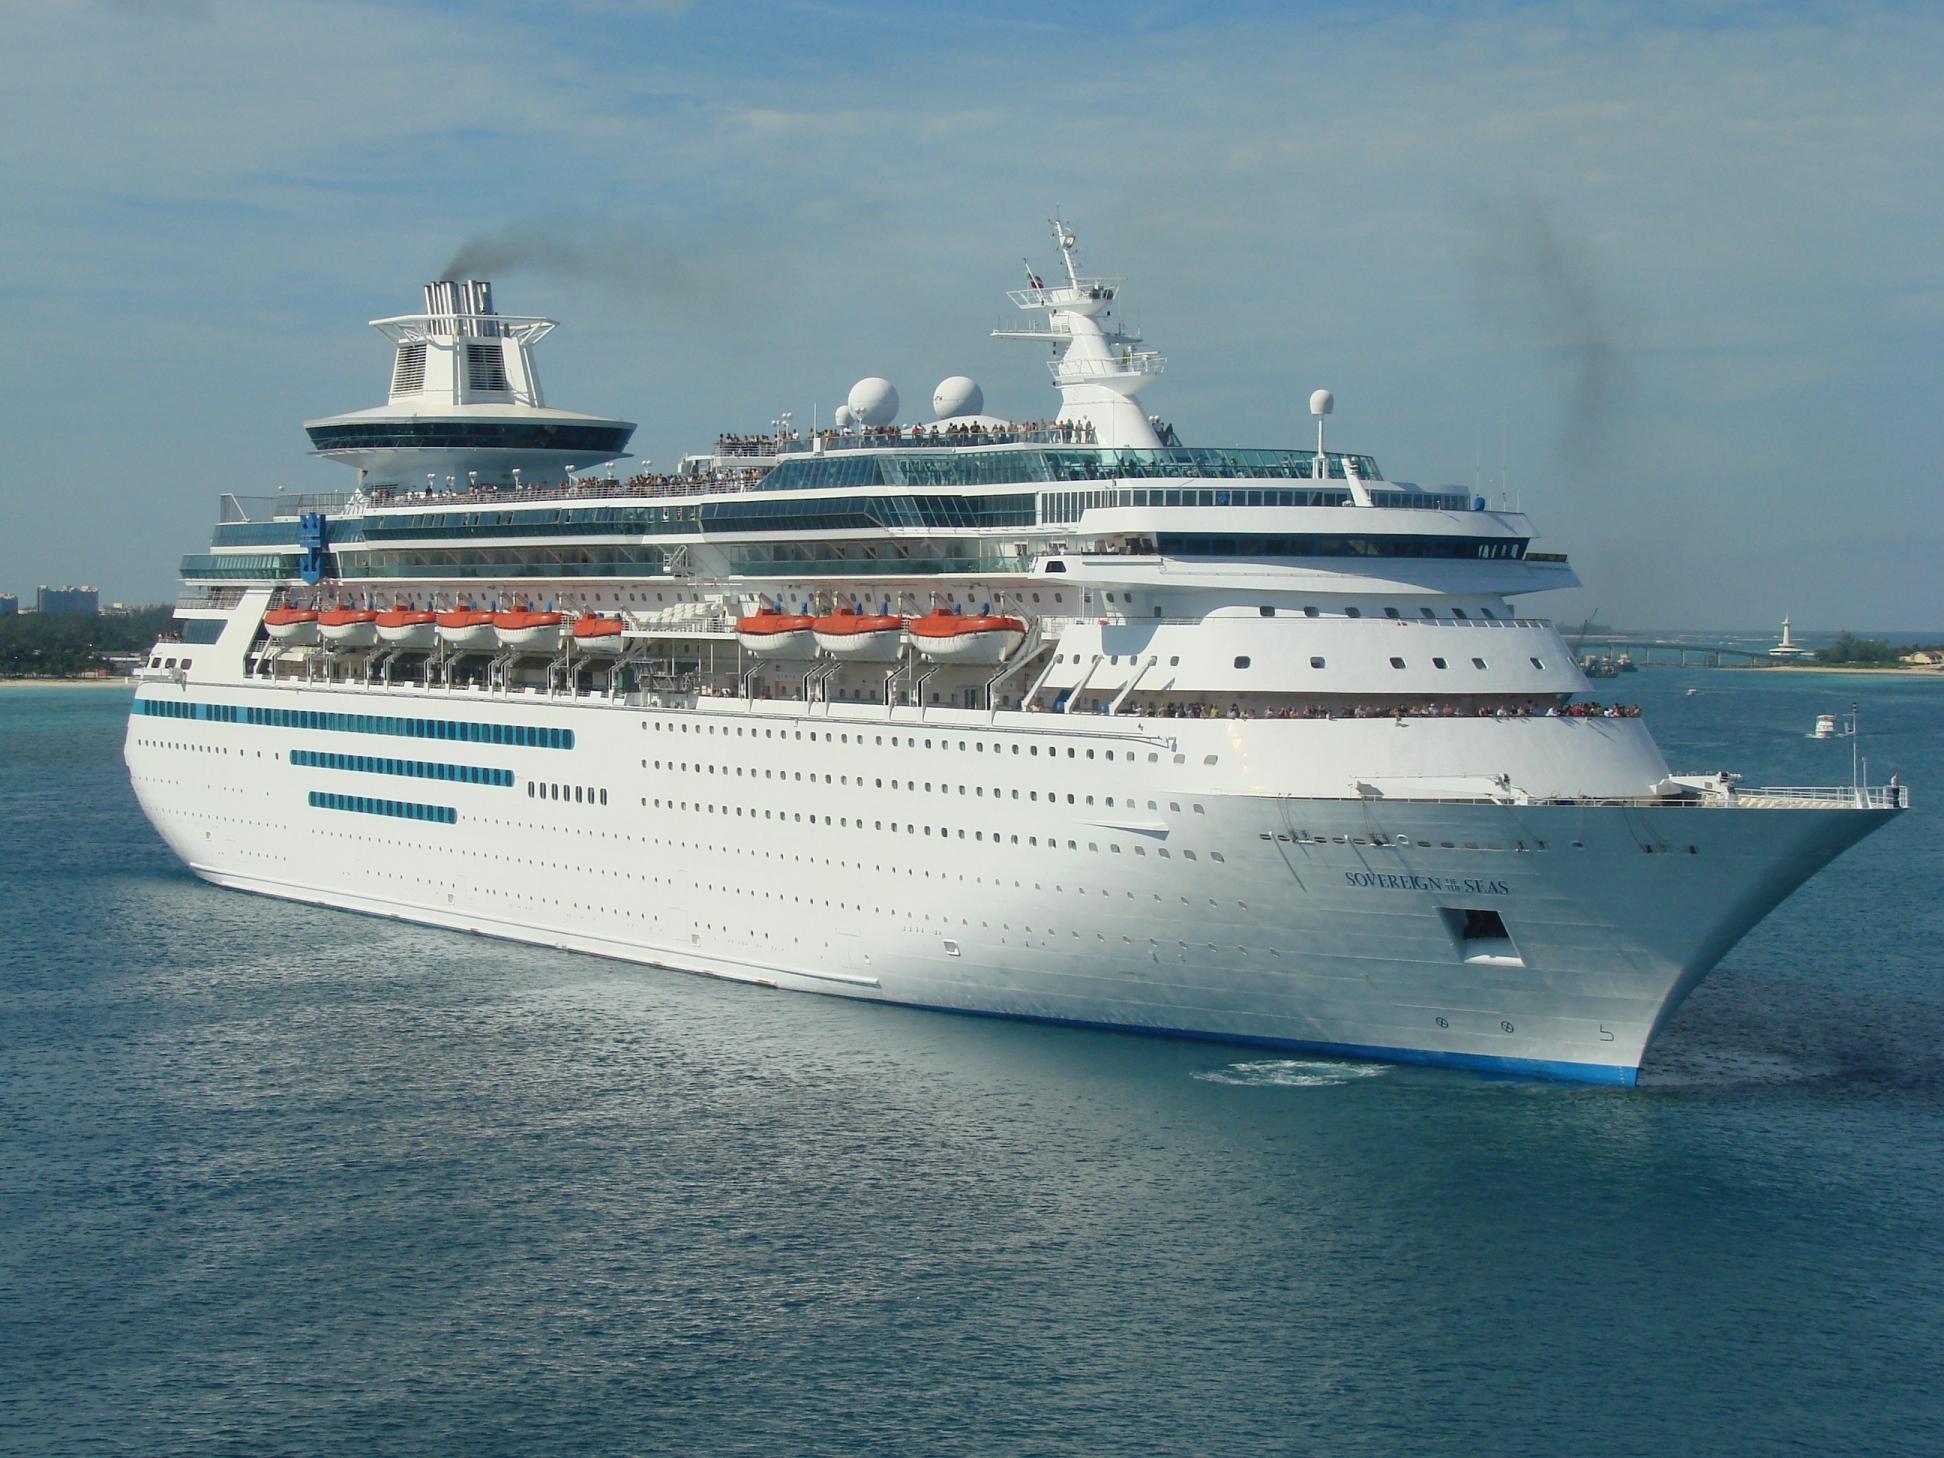 Of The Seas - Sovereign cruise ship